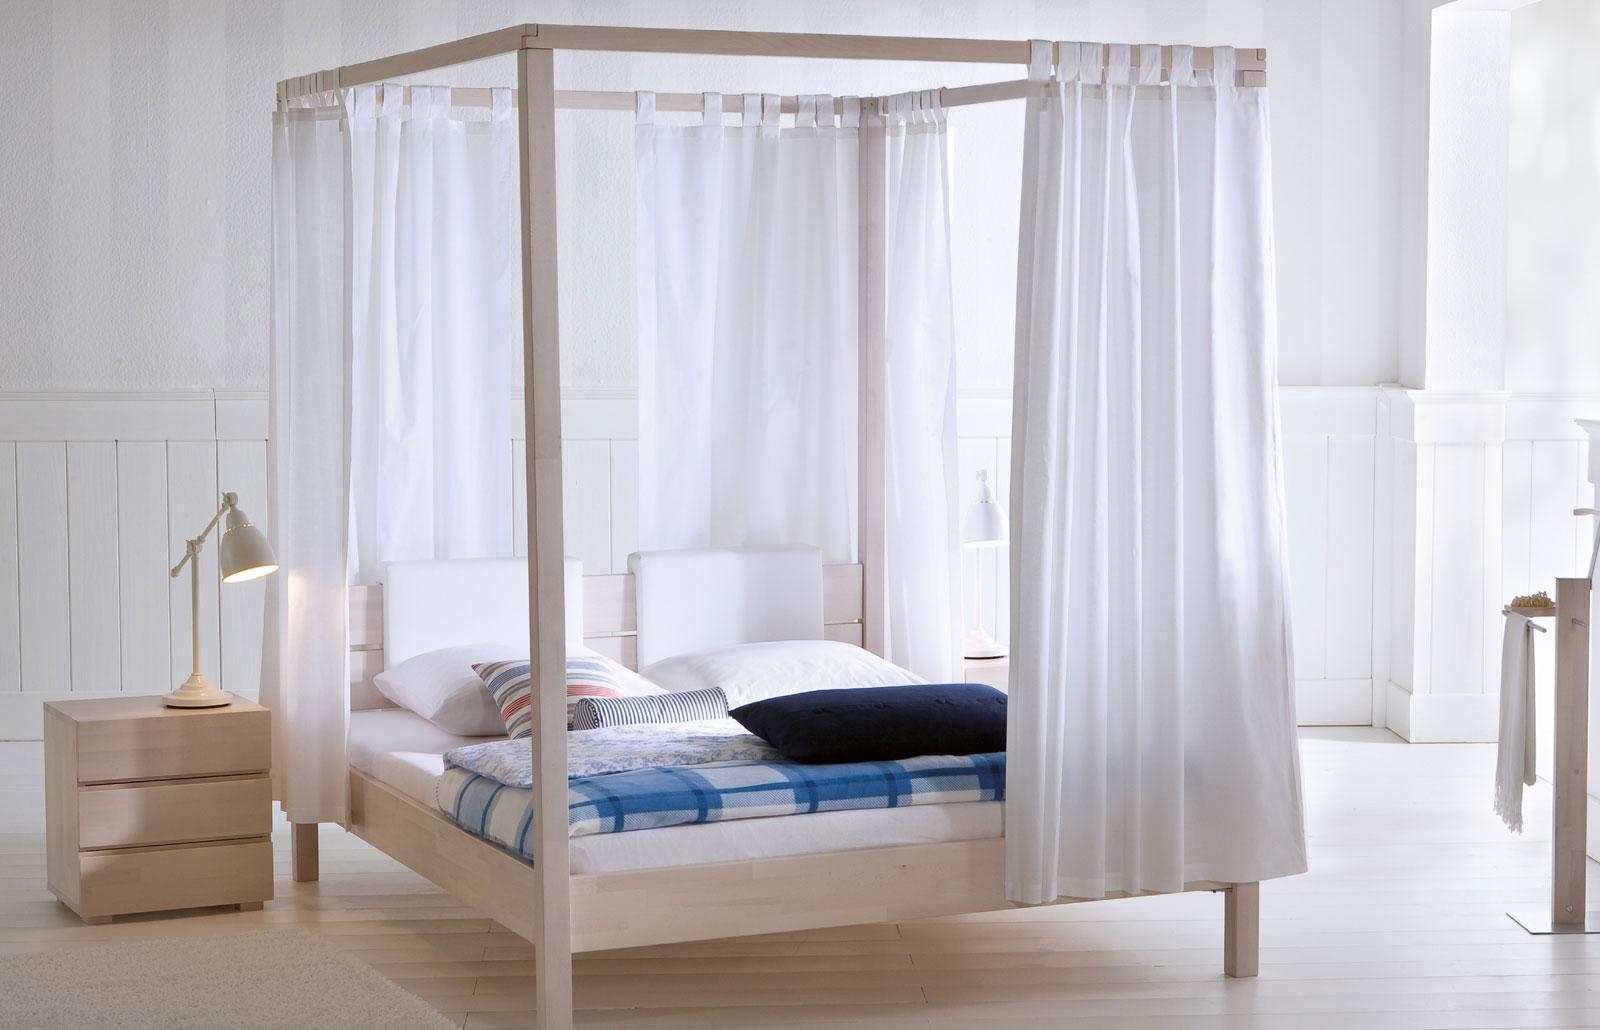 Vorhang-Set Almeria Weiß tolle Ergänzung zum Himmelbett